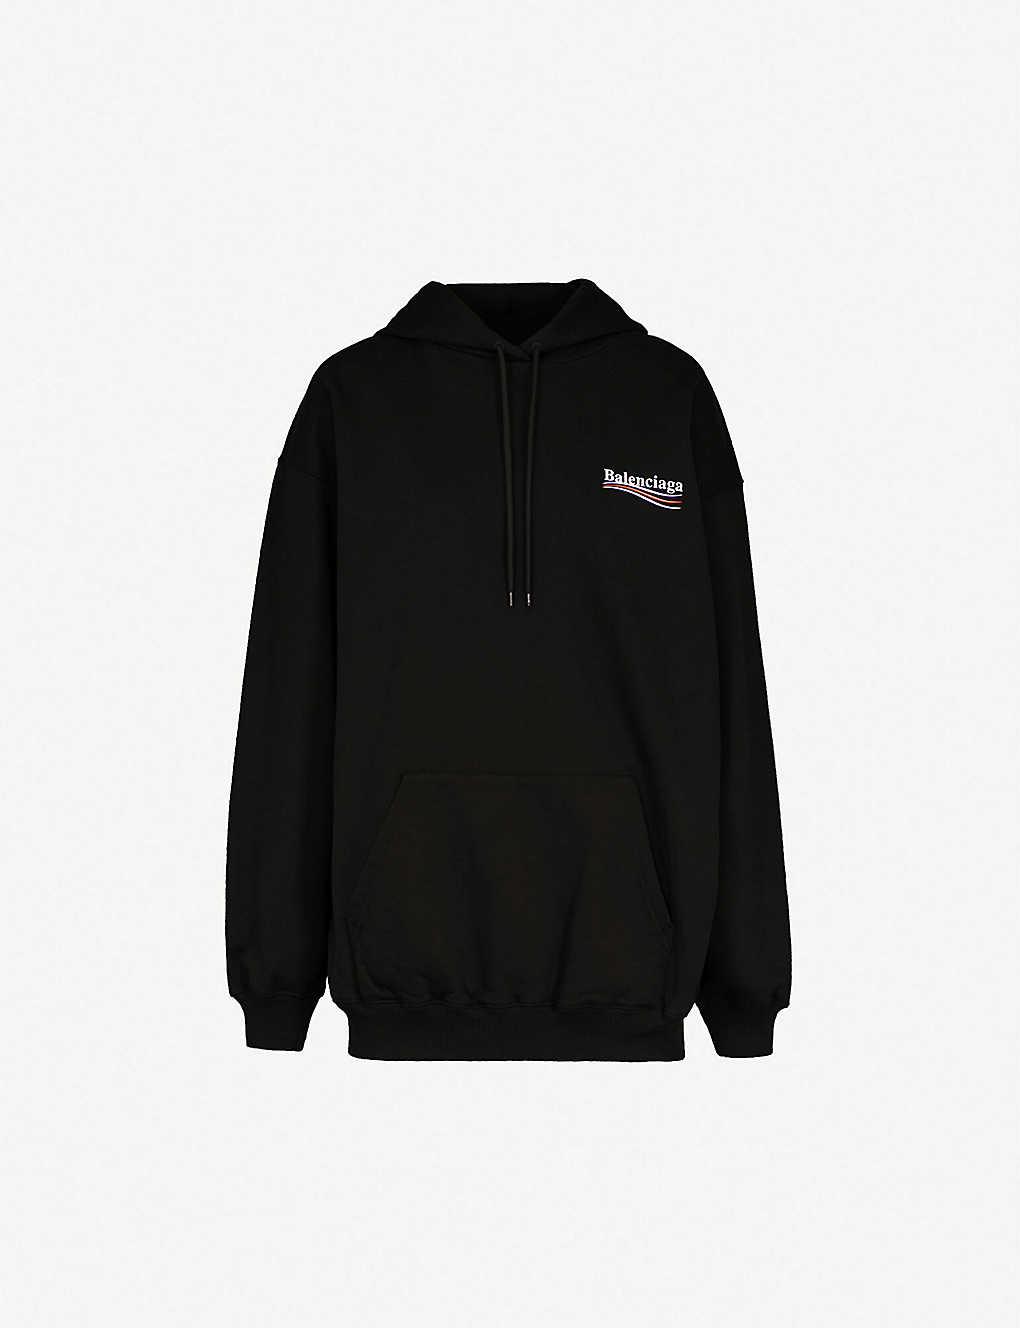 96c9ef6c2a5aa BALENCIAGA - Logo-print cotton-jersey hoody